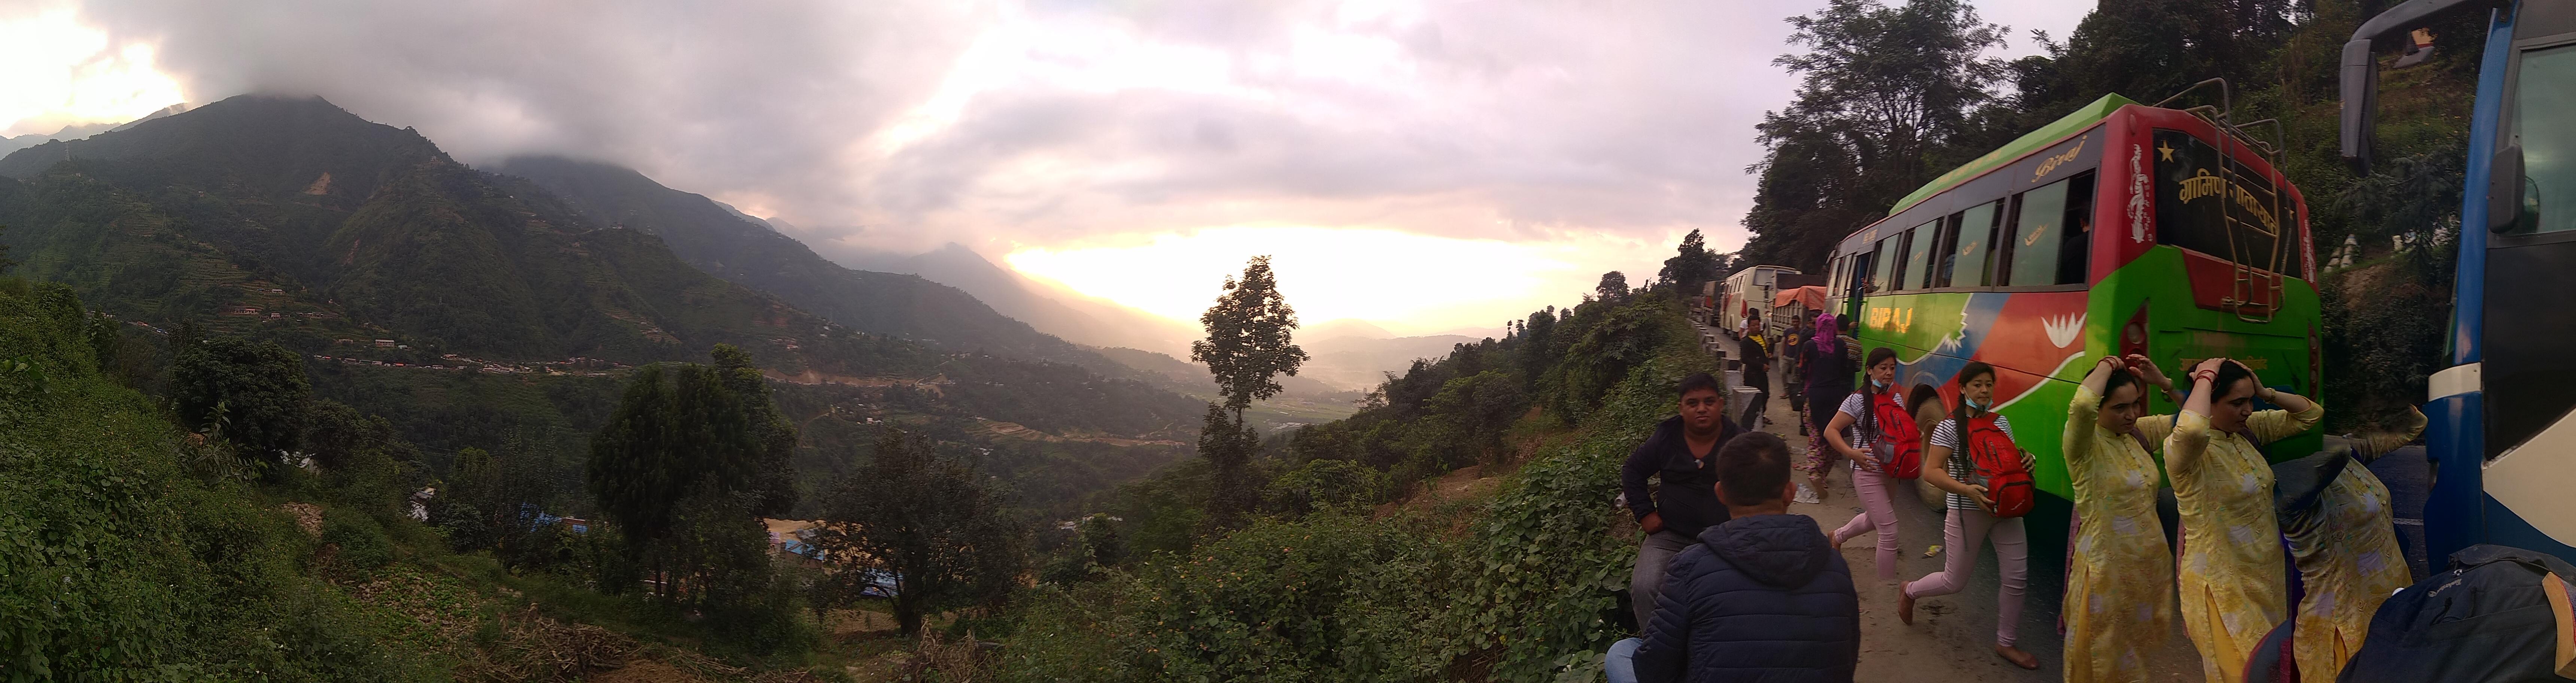 Pokhara nach Kathmandu 2018